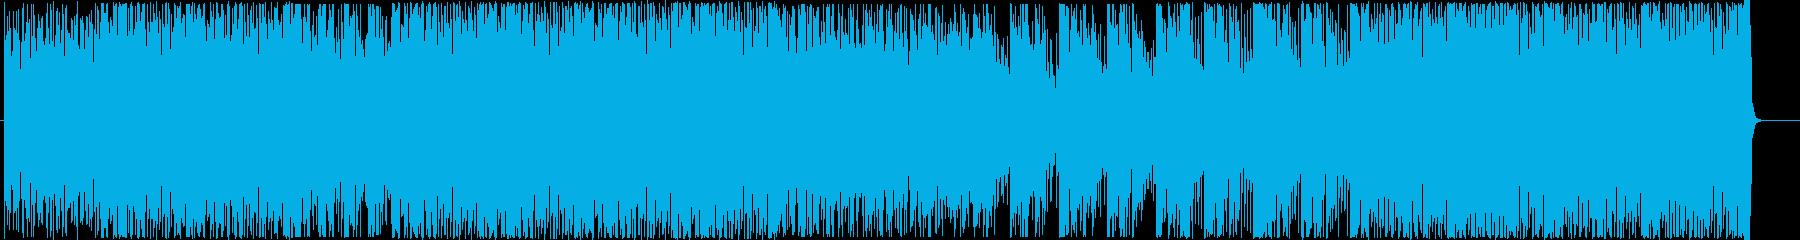 クセになるノリのインストの再生済みの波形